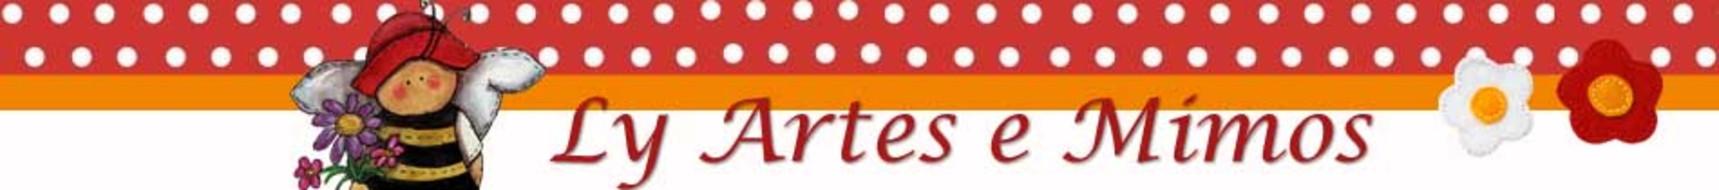 Ly Artes e Mimos